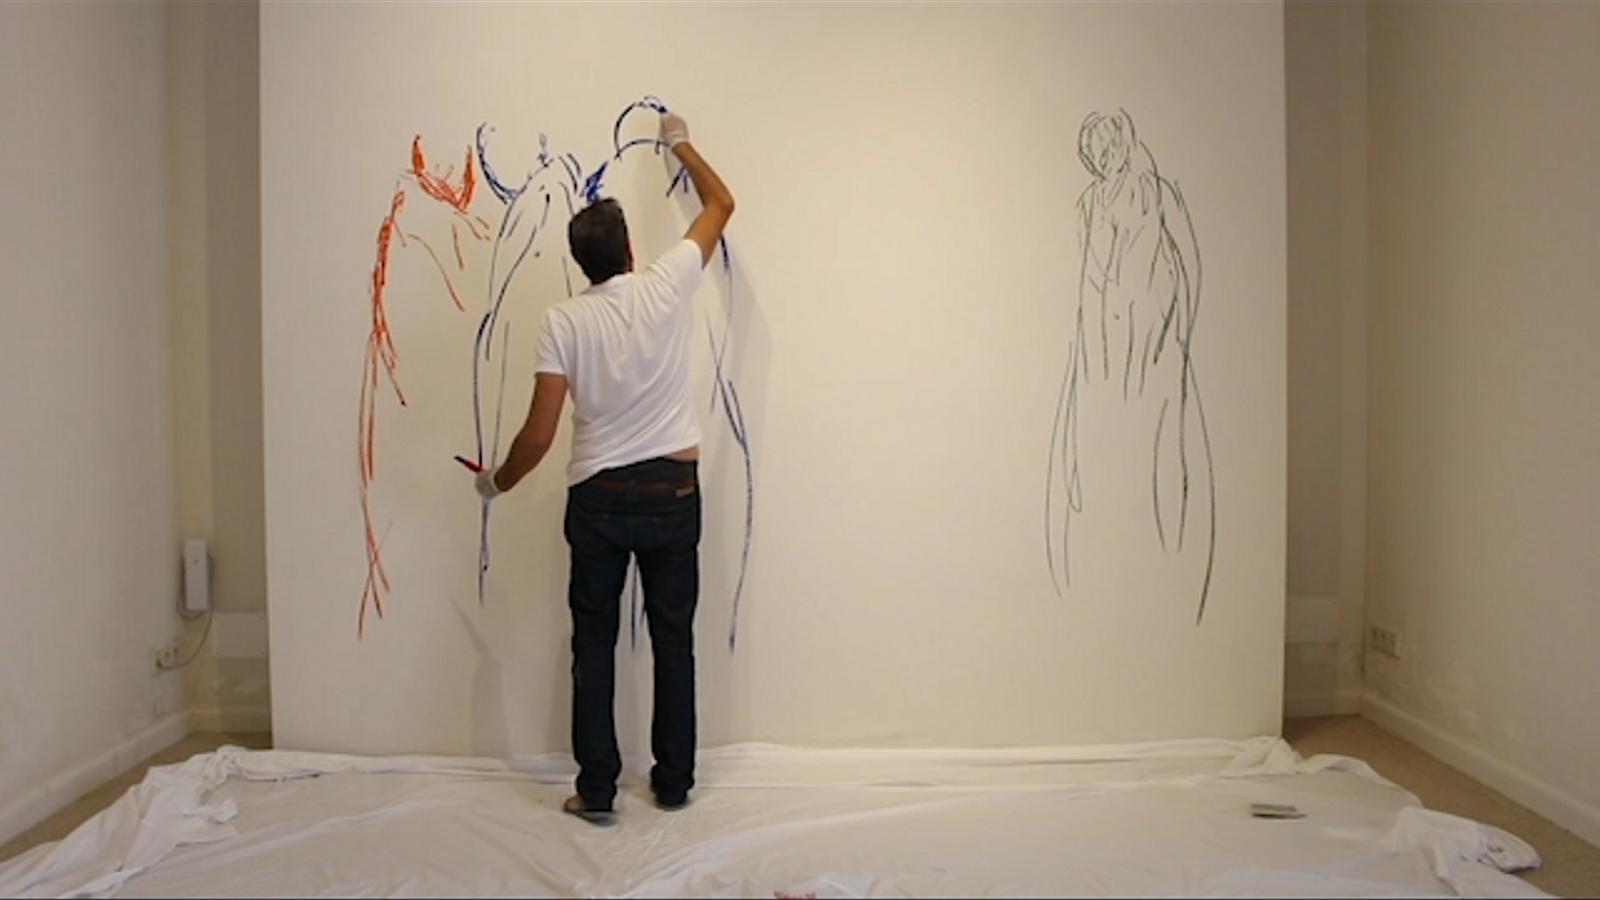 Vídeo de Mendiola durant el seu procés productiu